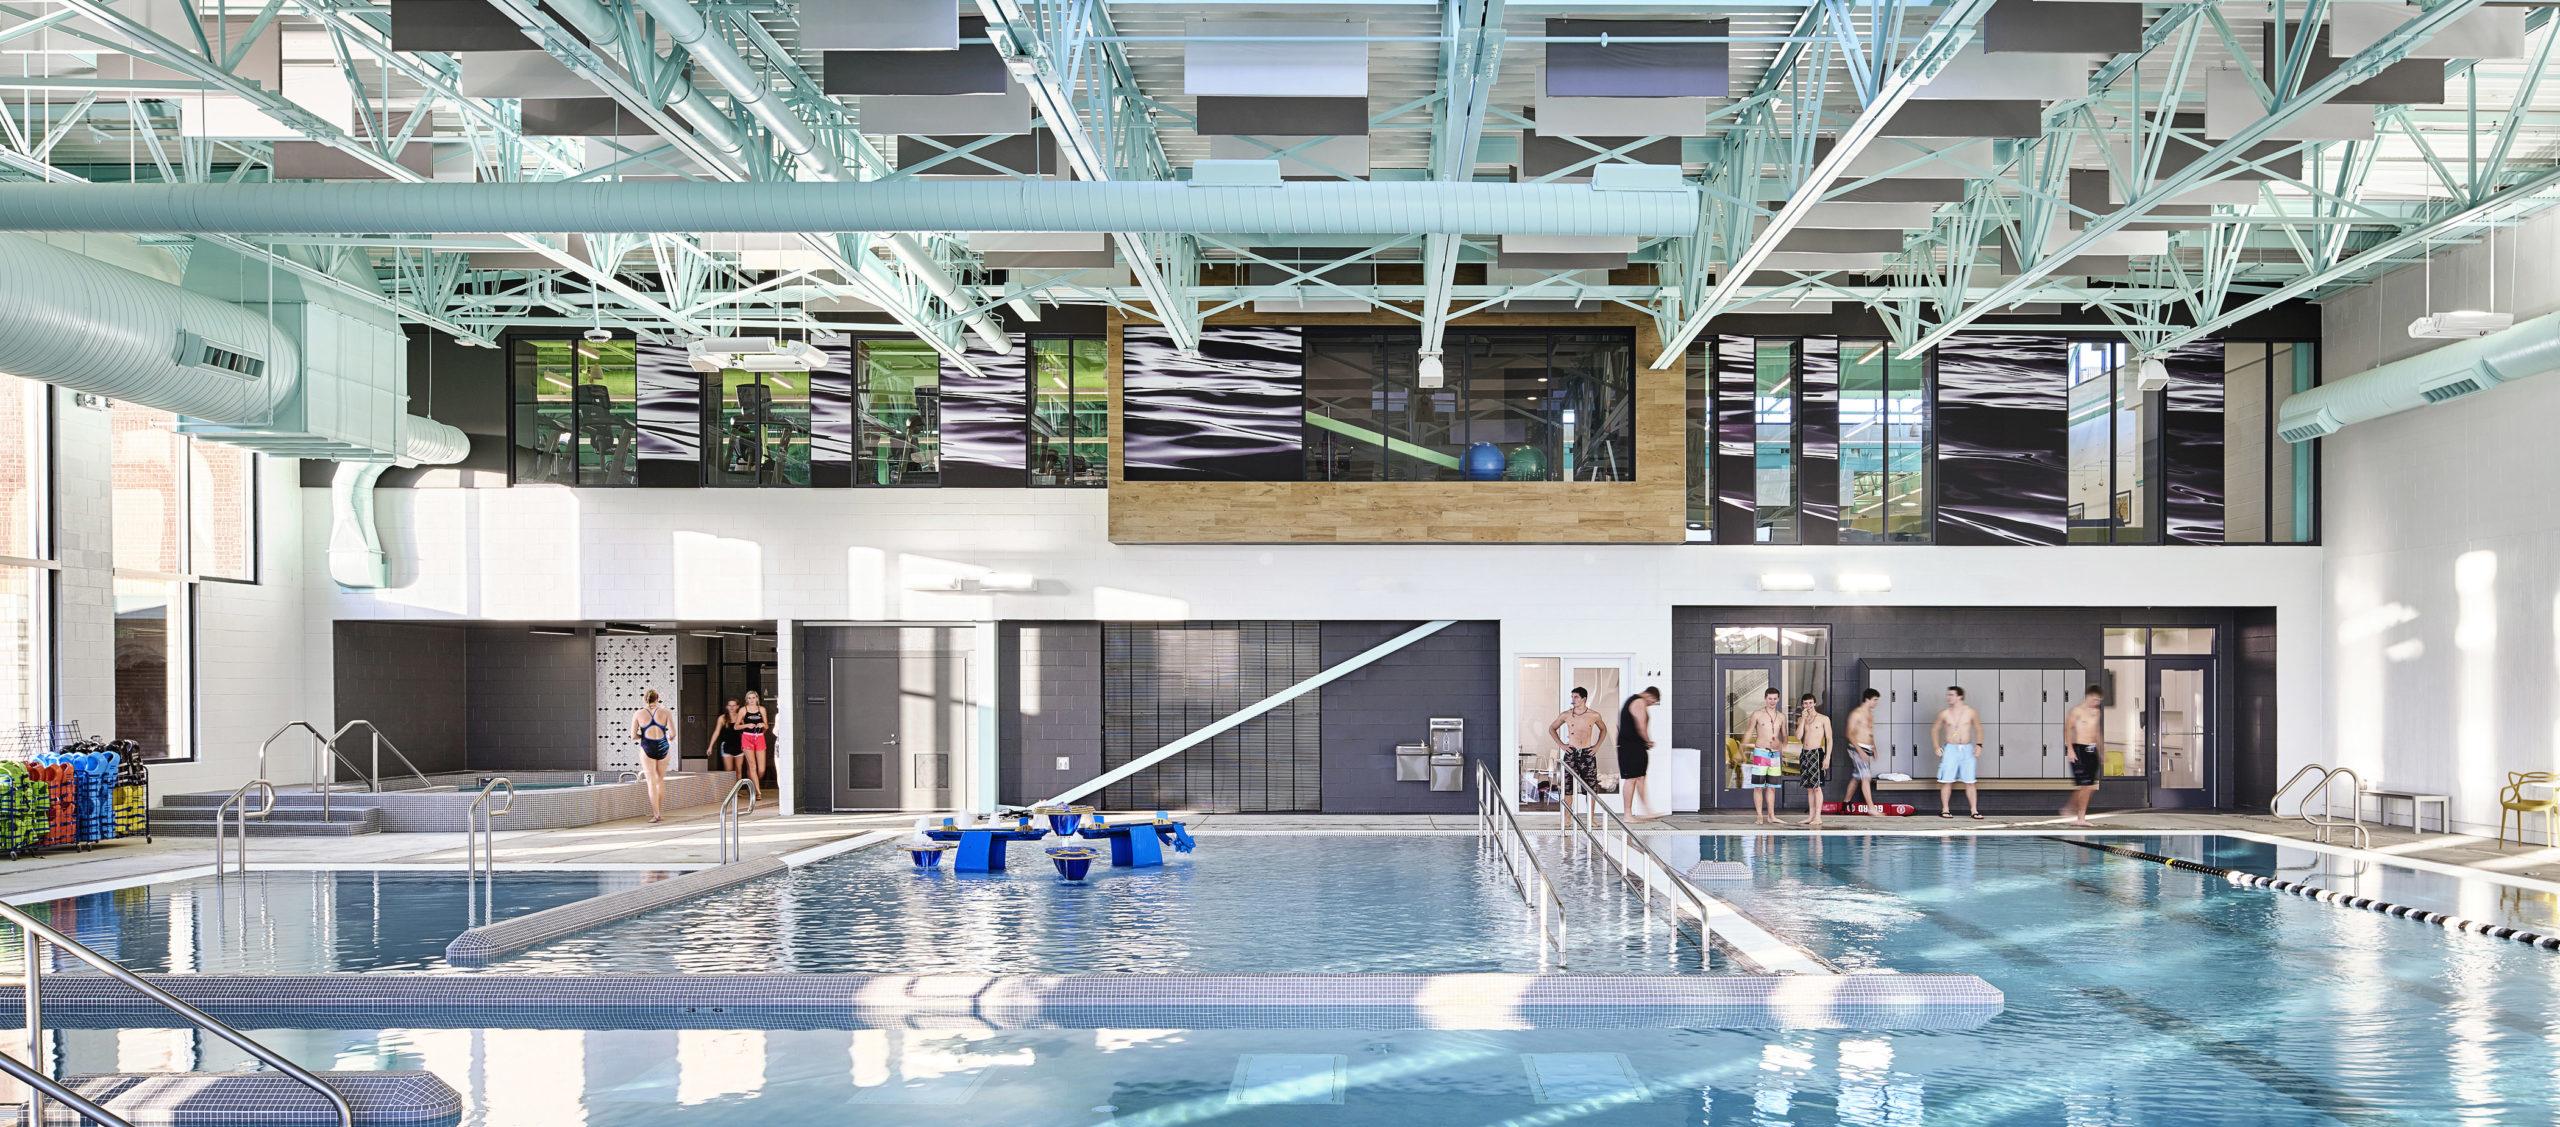 Excelsior Springs Pool